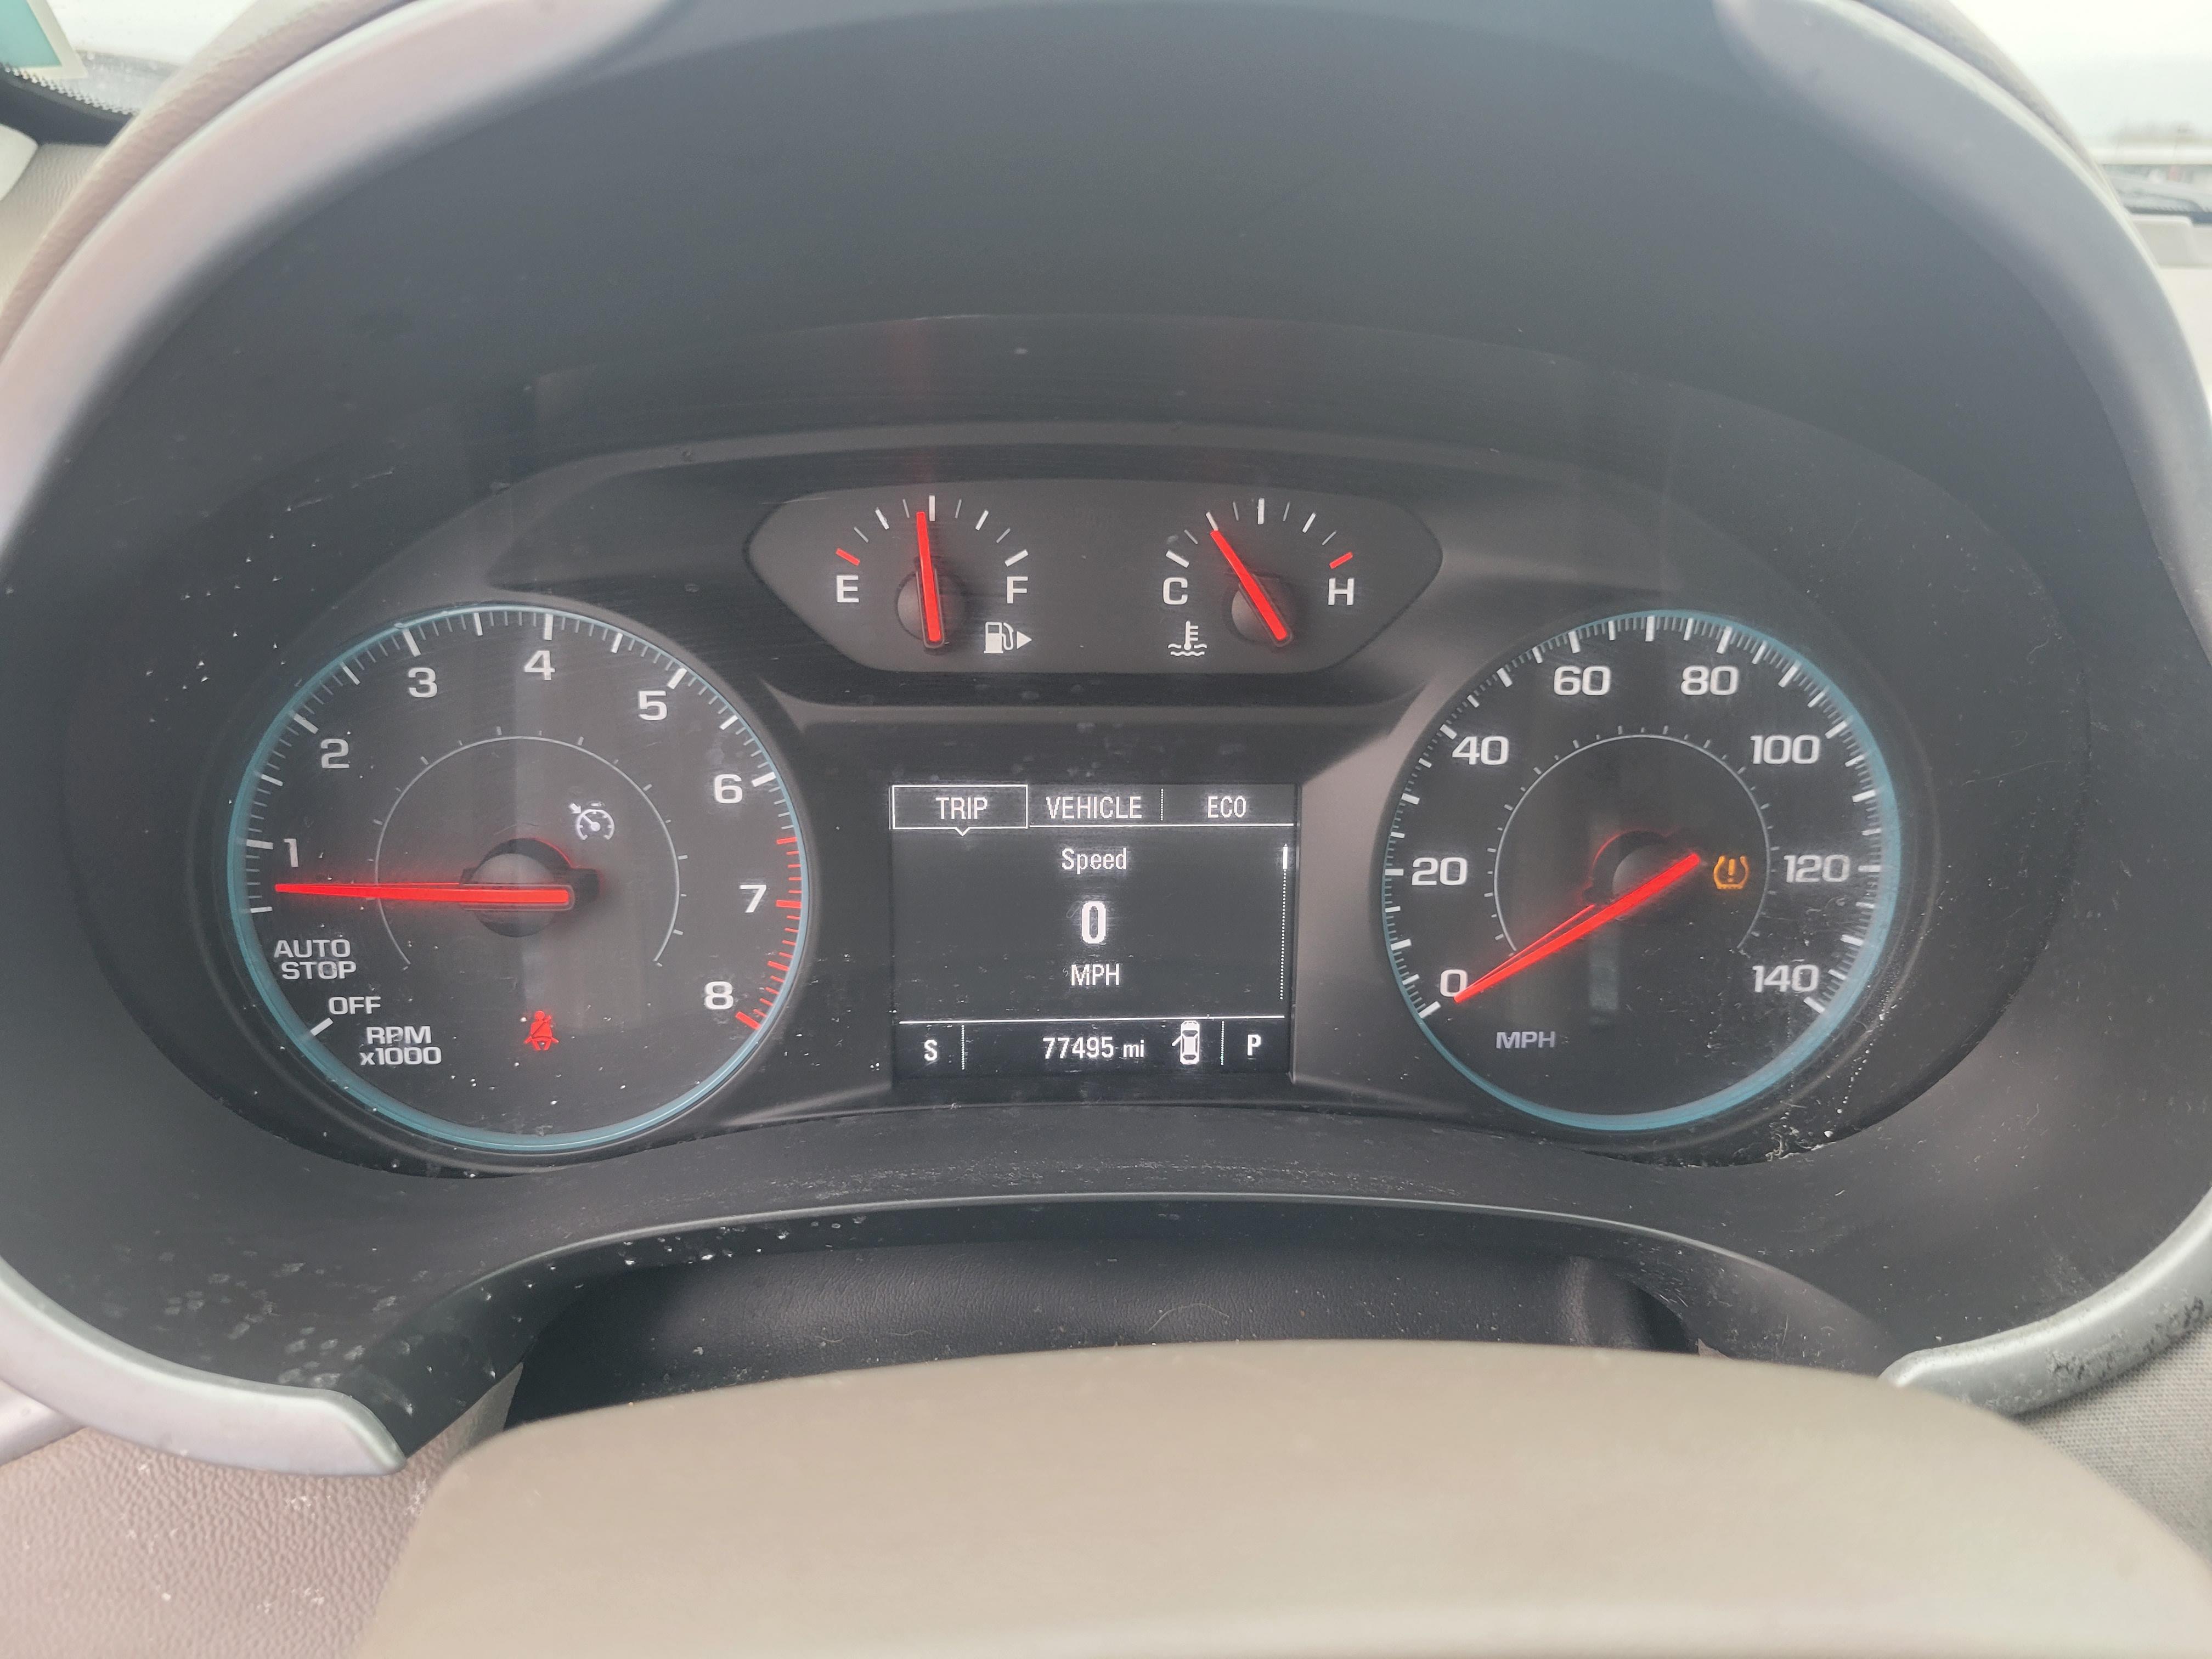 used vehicle - Sedan CHEVROLET MALIBU 2016